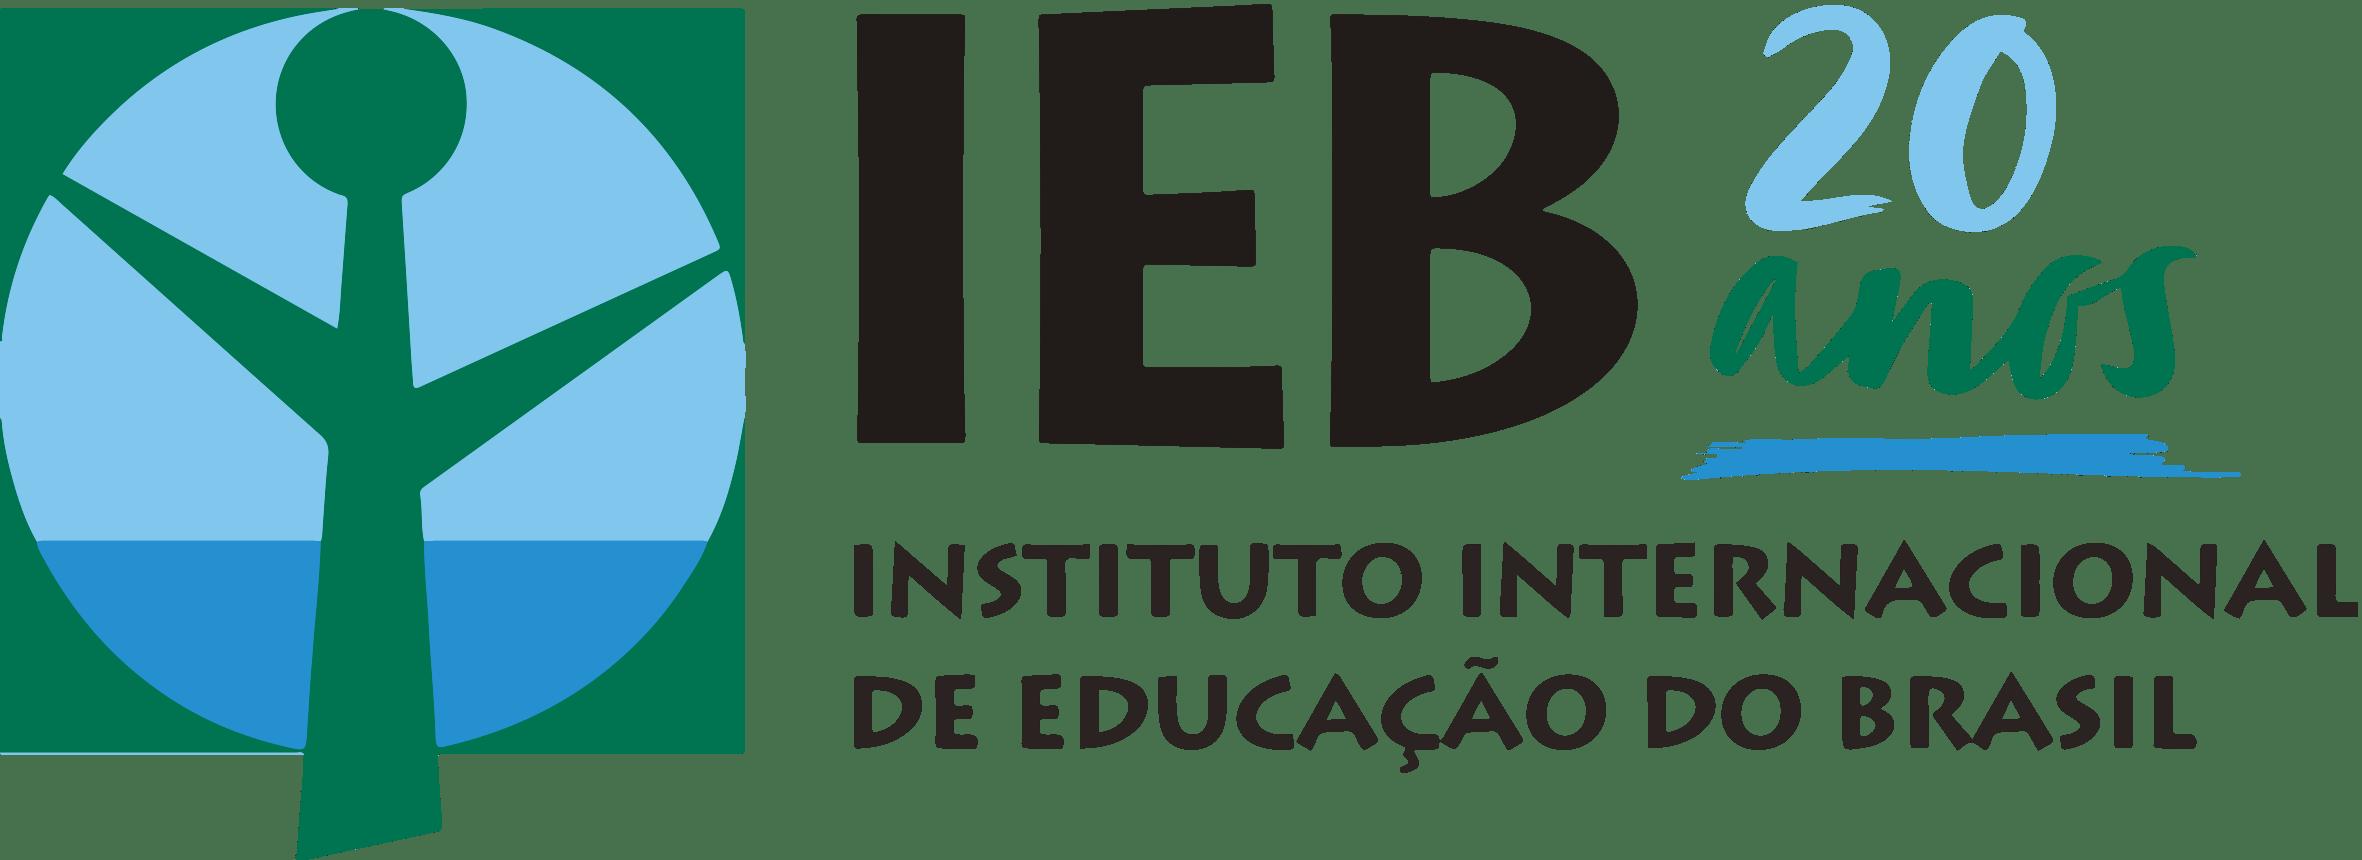 Resultado de imagem para CEPF & IEB